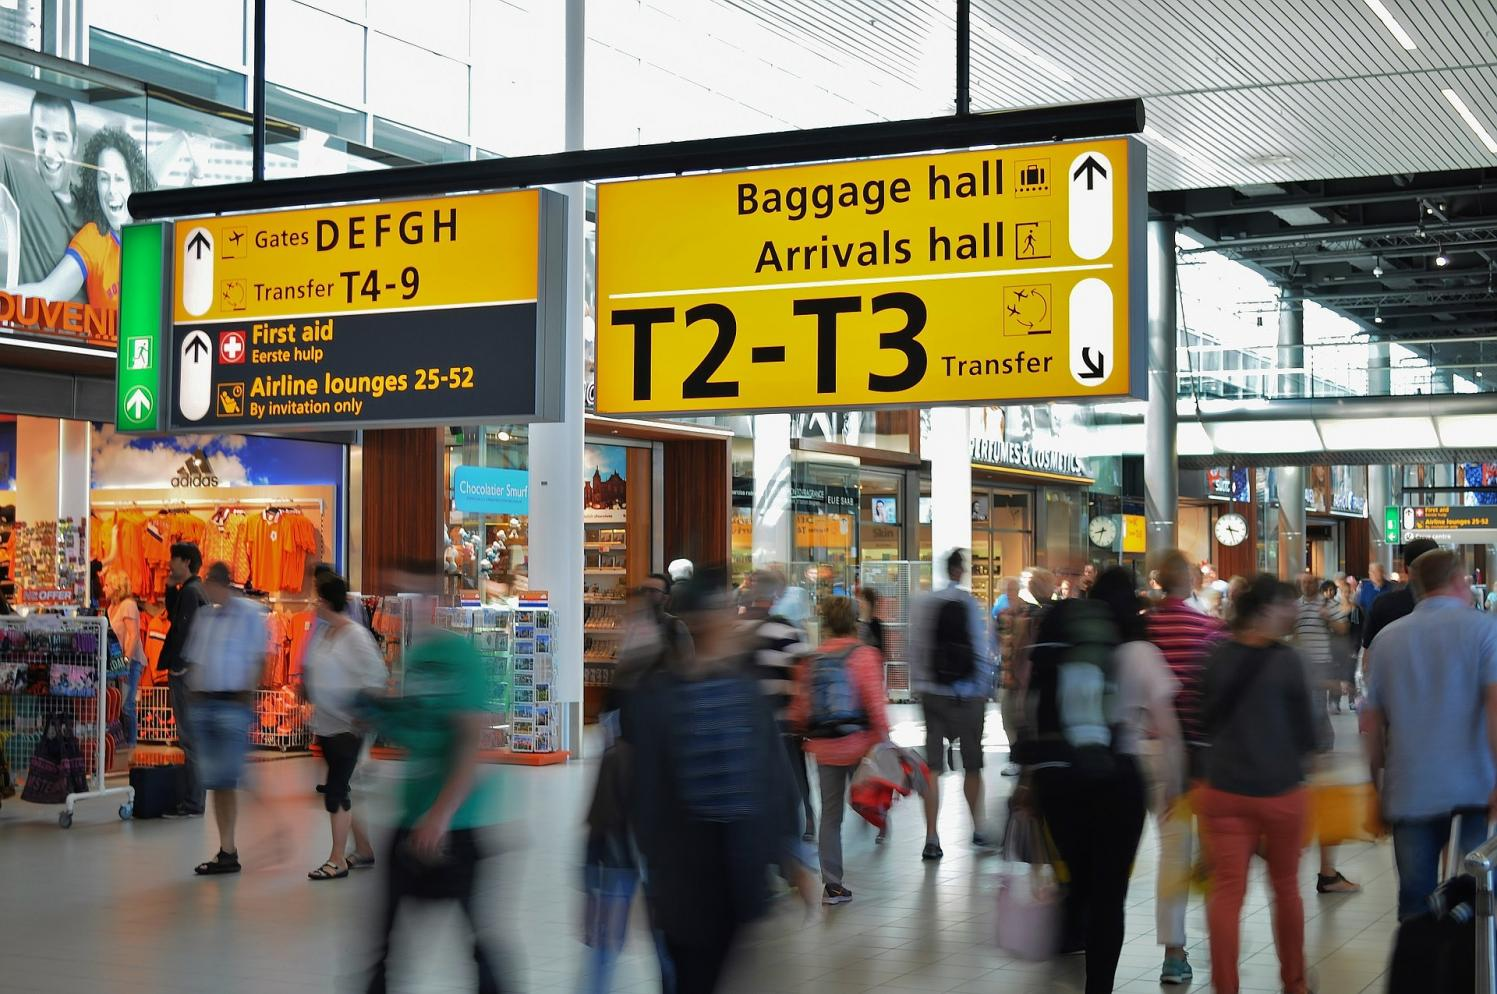 Brasil tem dois aeroportos entre os 10 melhores do mundo segundo ranking internacional